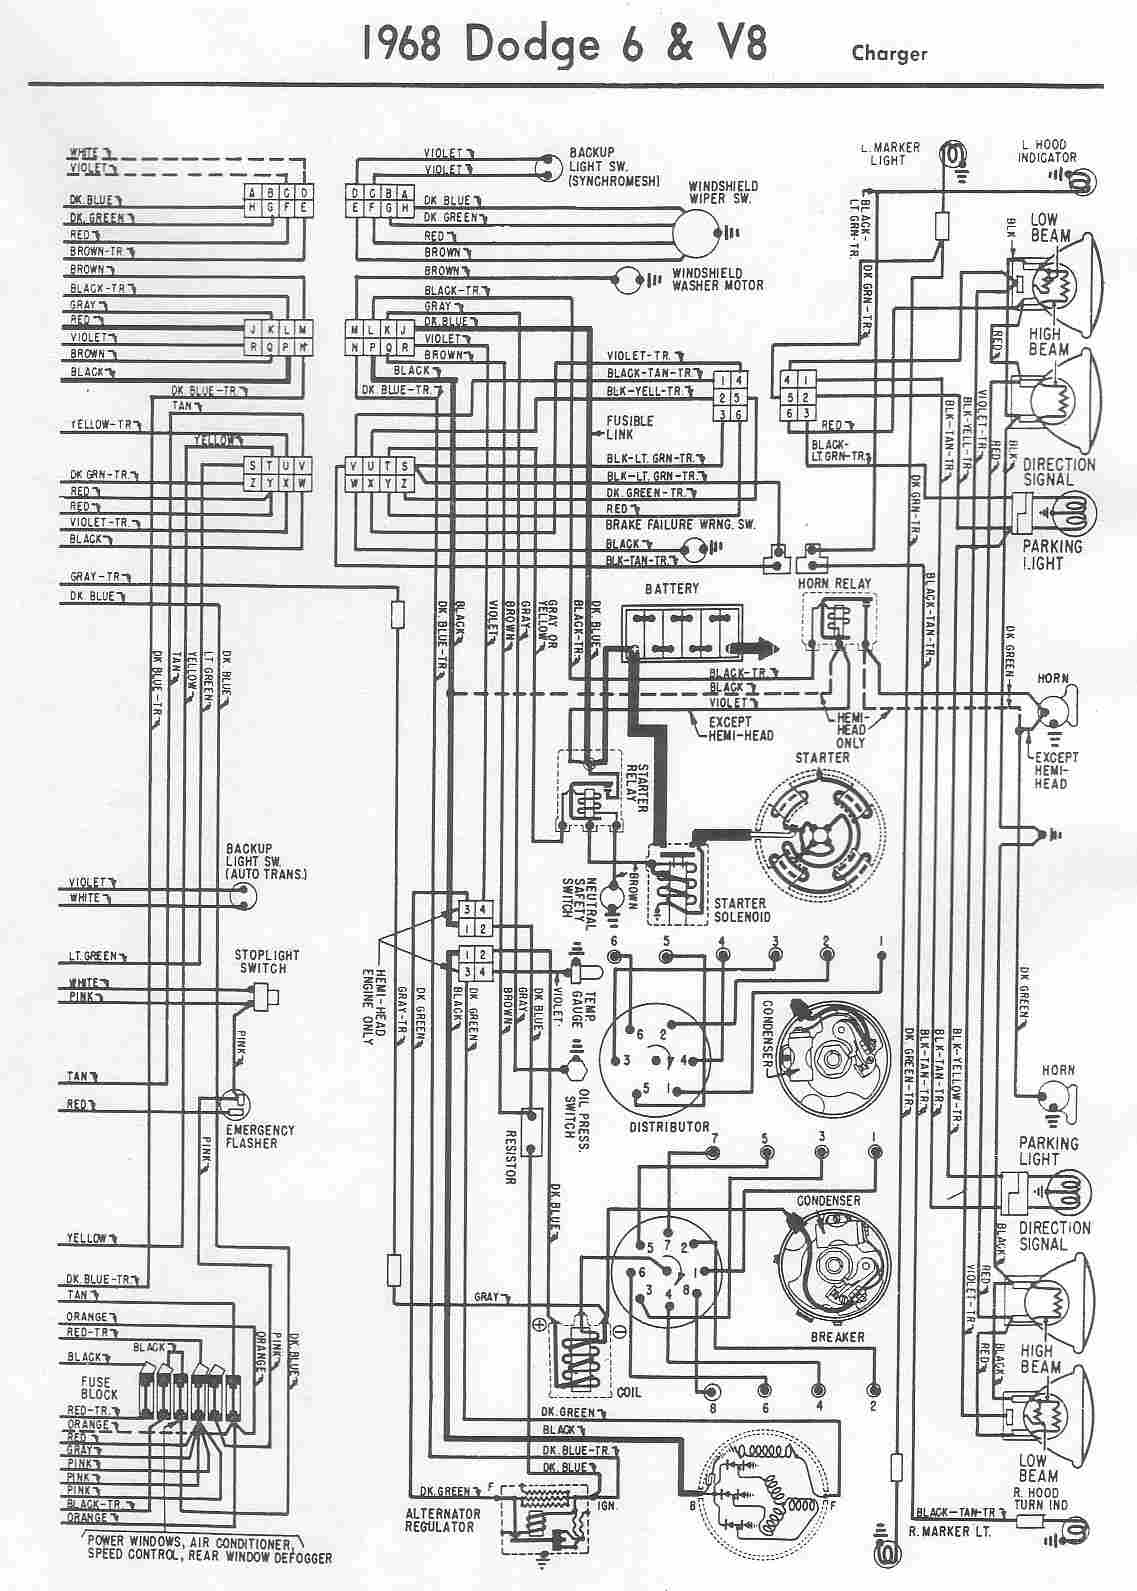 1973 plymouth cuda wiring diagram